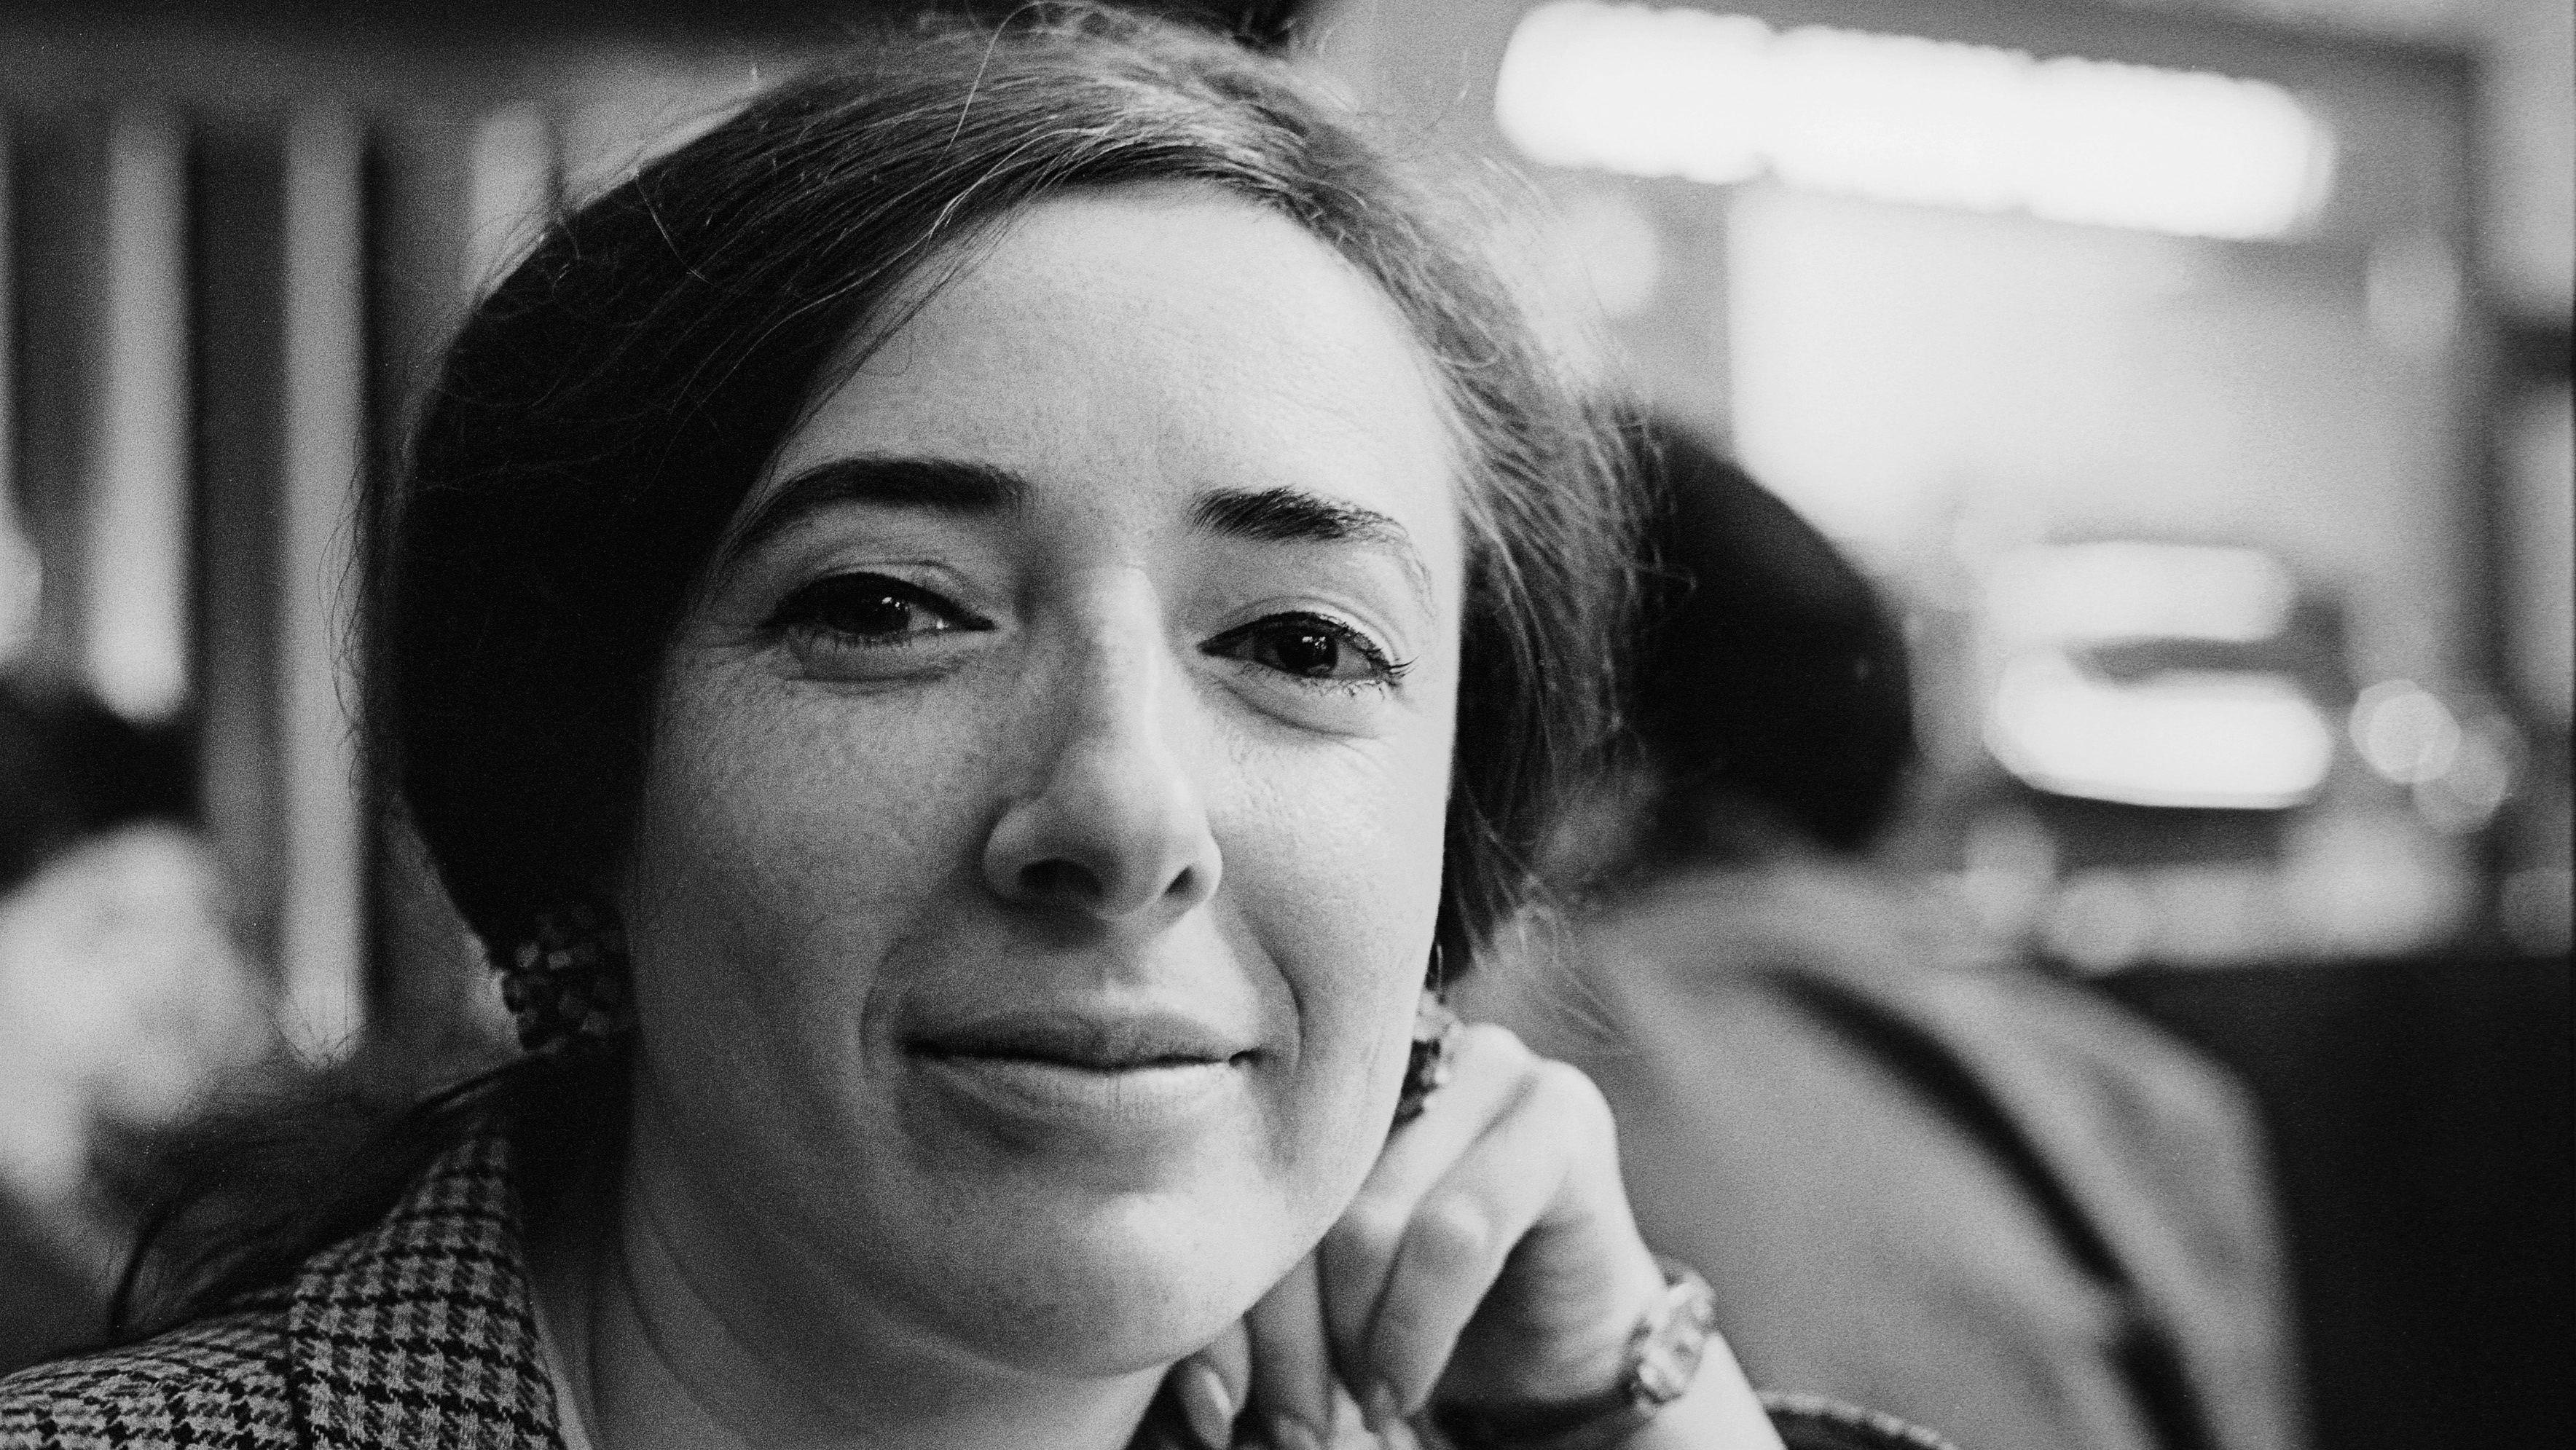 Eine schwarz-weiß Fotografie der österreichischen Schriftstellerin Elfriede Gerstl im Kaffeehaus, aufgenommen im Kaffeehaus 1970